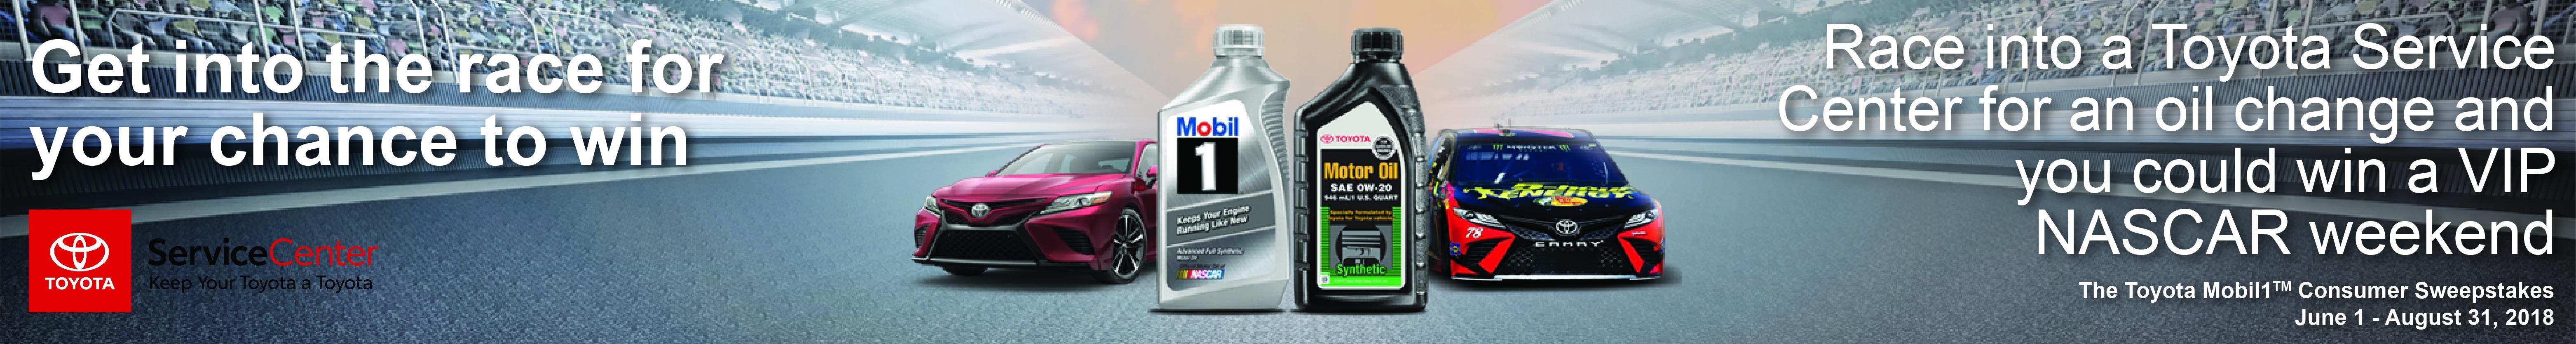 Toyota Exxon/Mobil1 Promotion